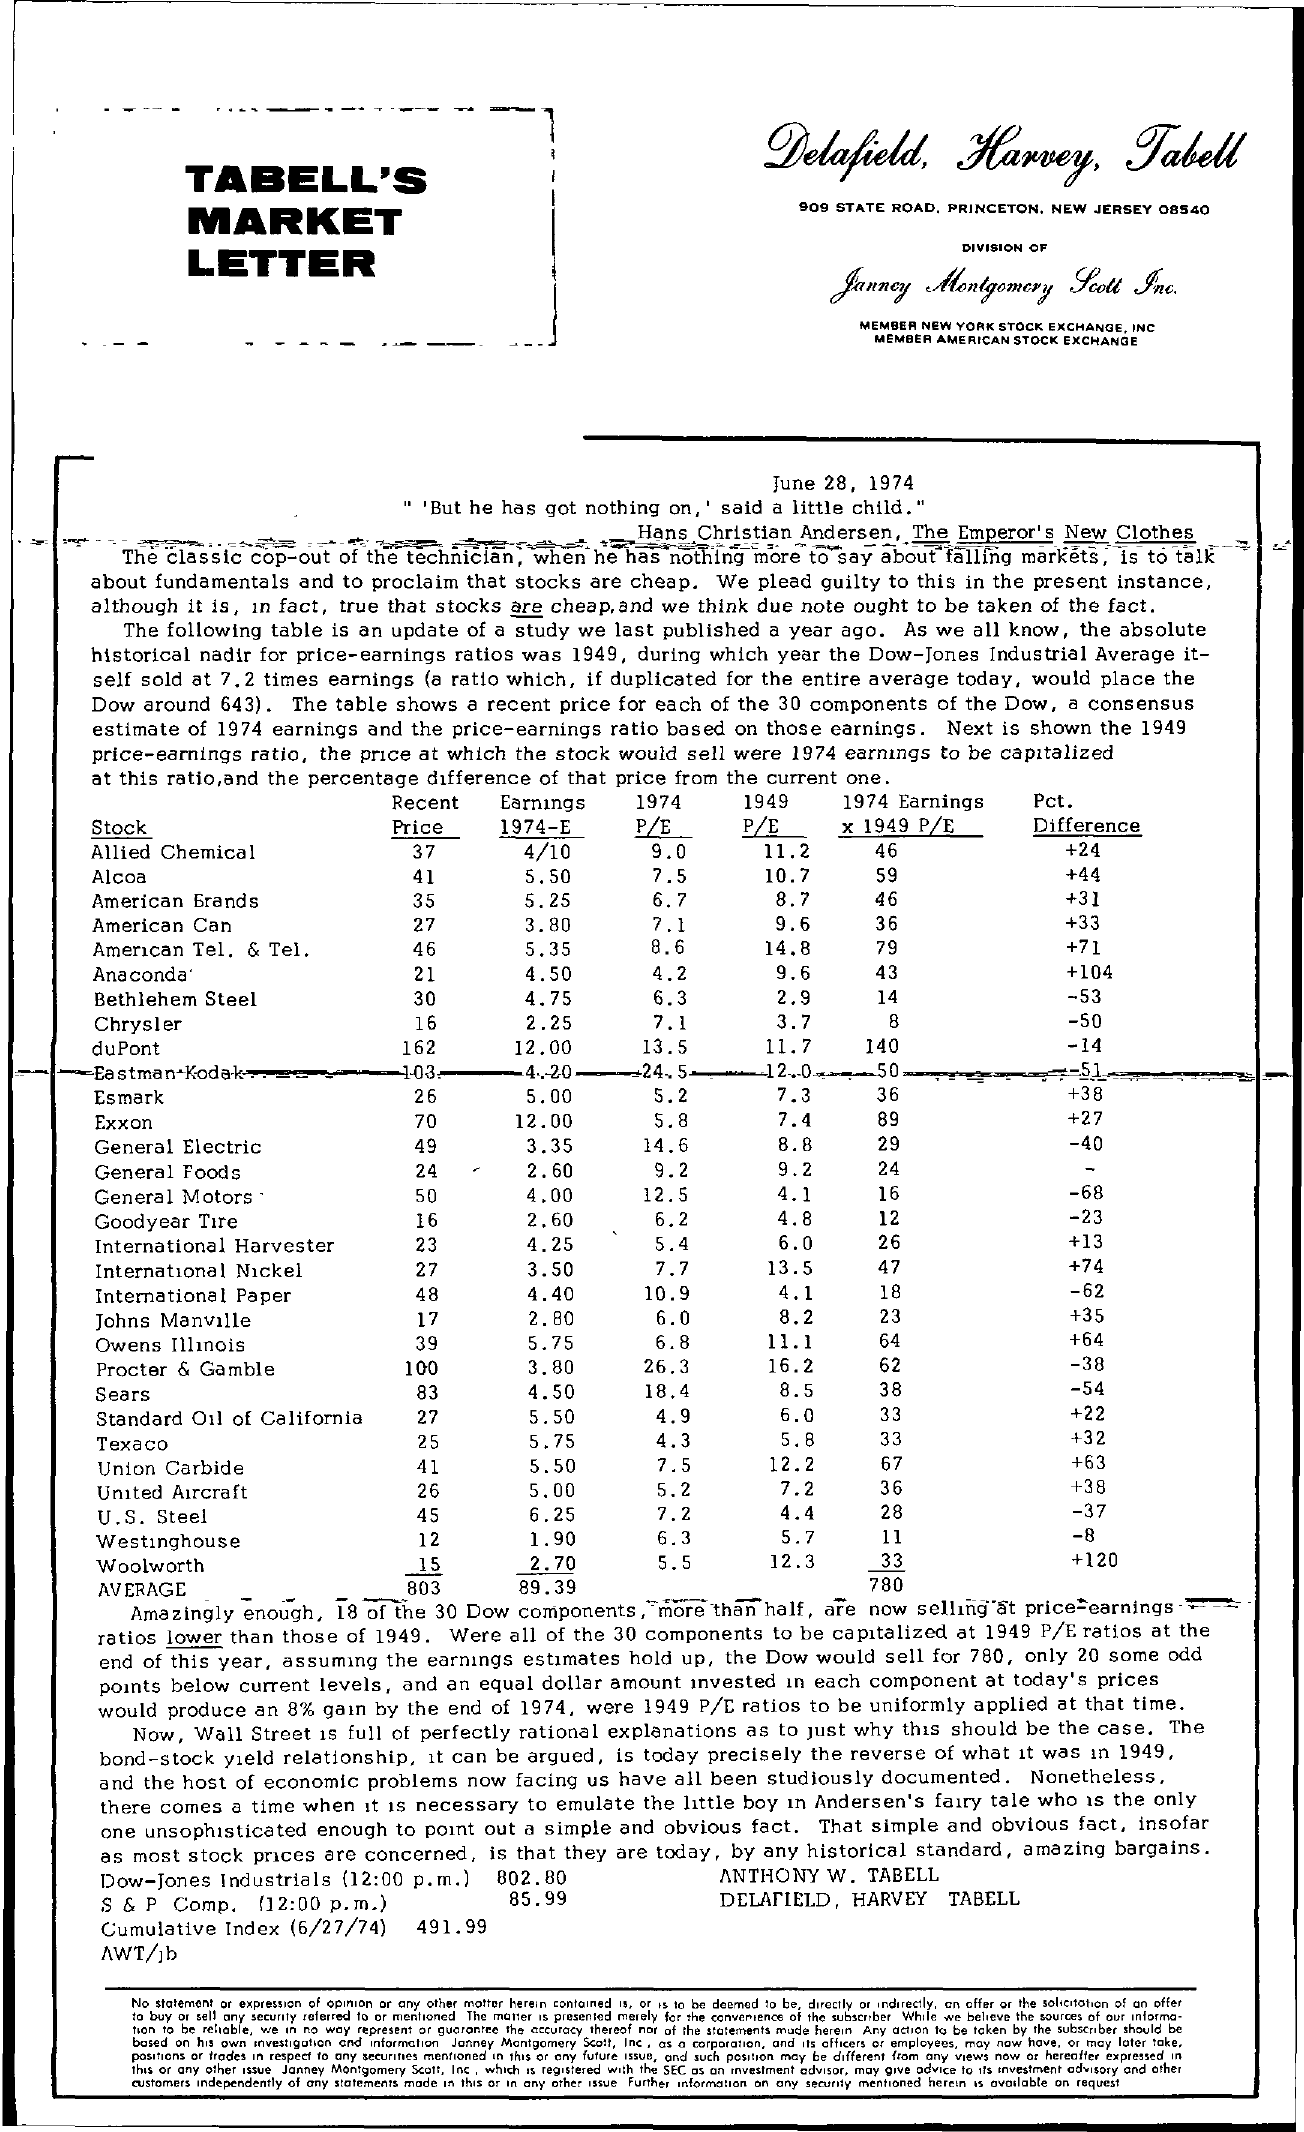 Tabell's Market Letter - June 28, 1974